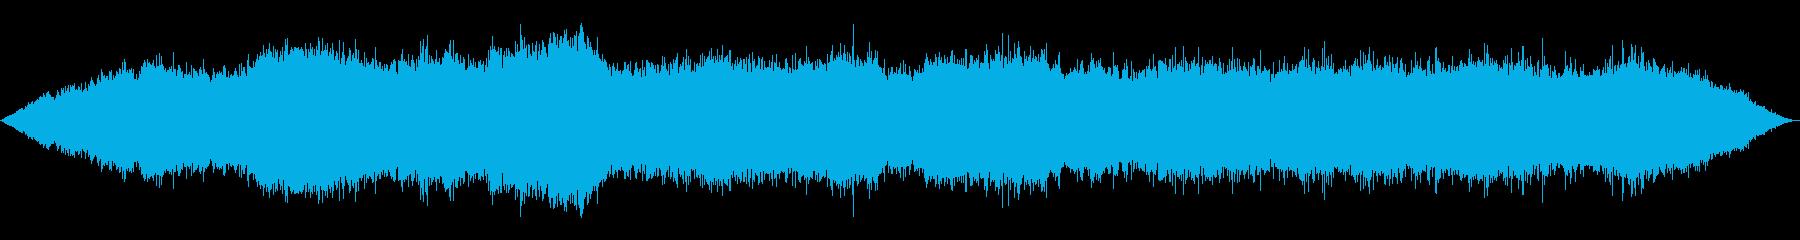 シーオーシャンストーム3-ヘビーウ...の再生済みの波形